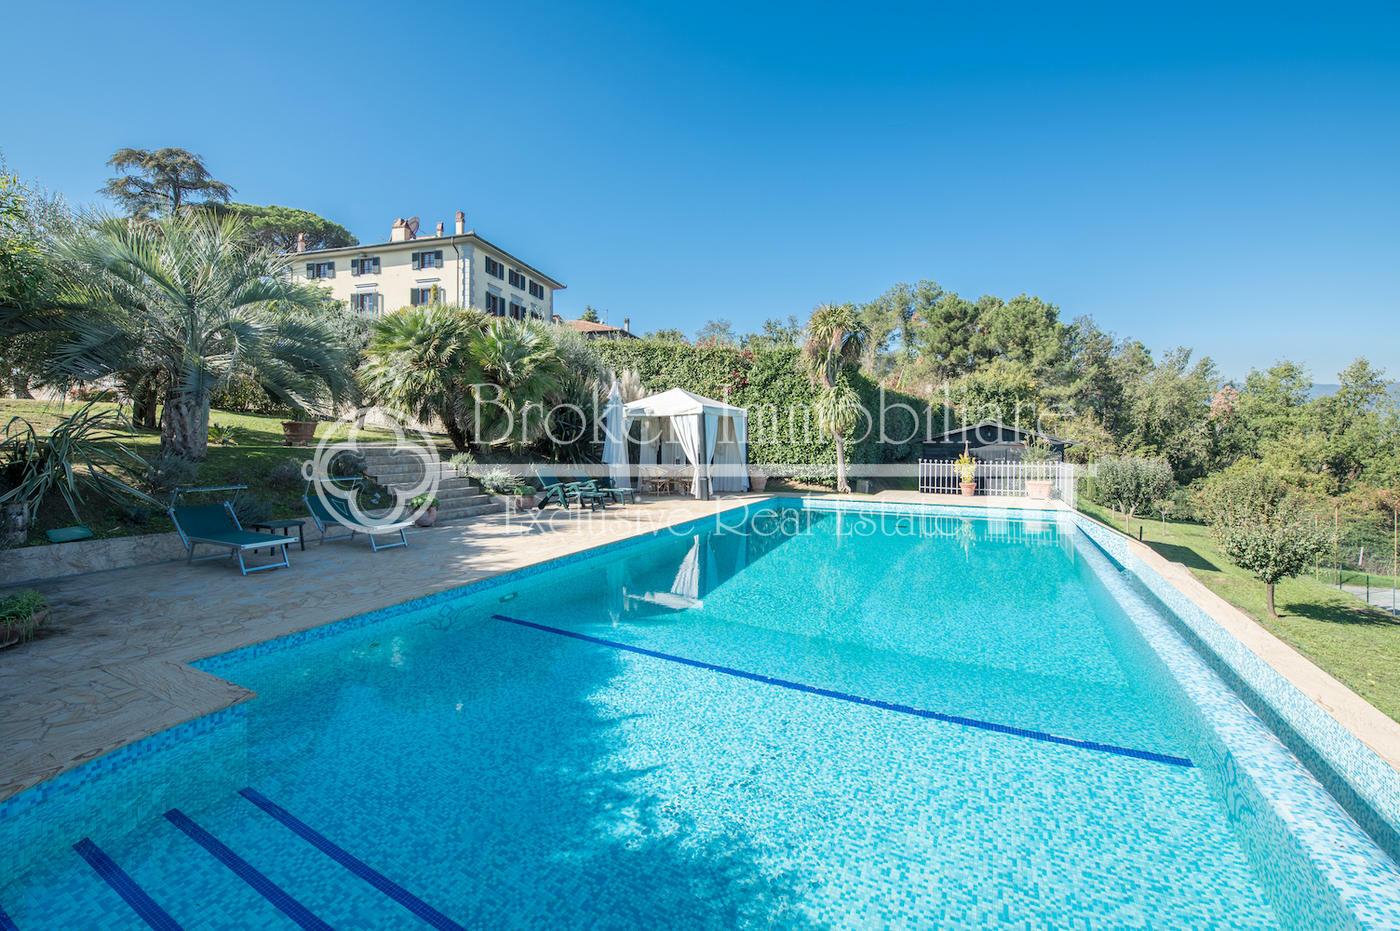 Splendida villa toscana in vendita sulle colline lucchesi